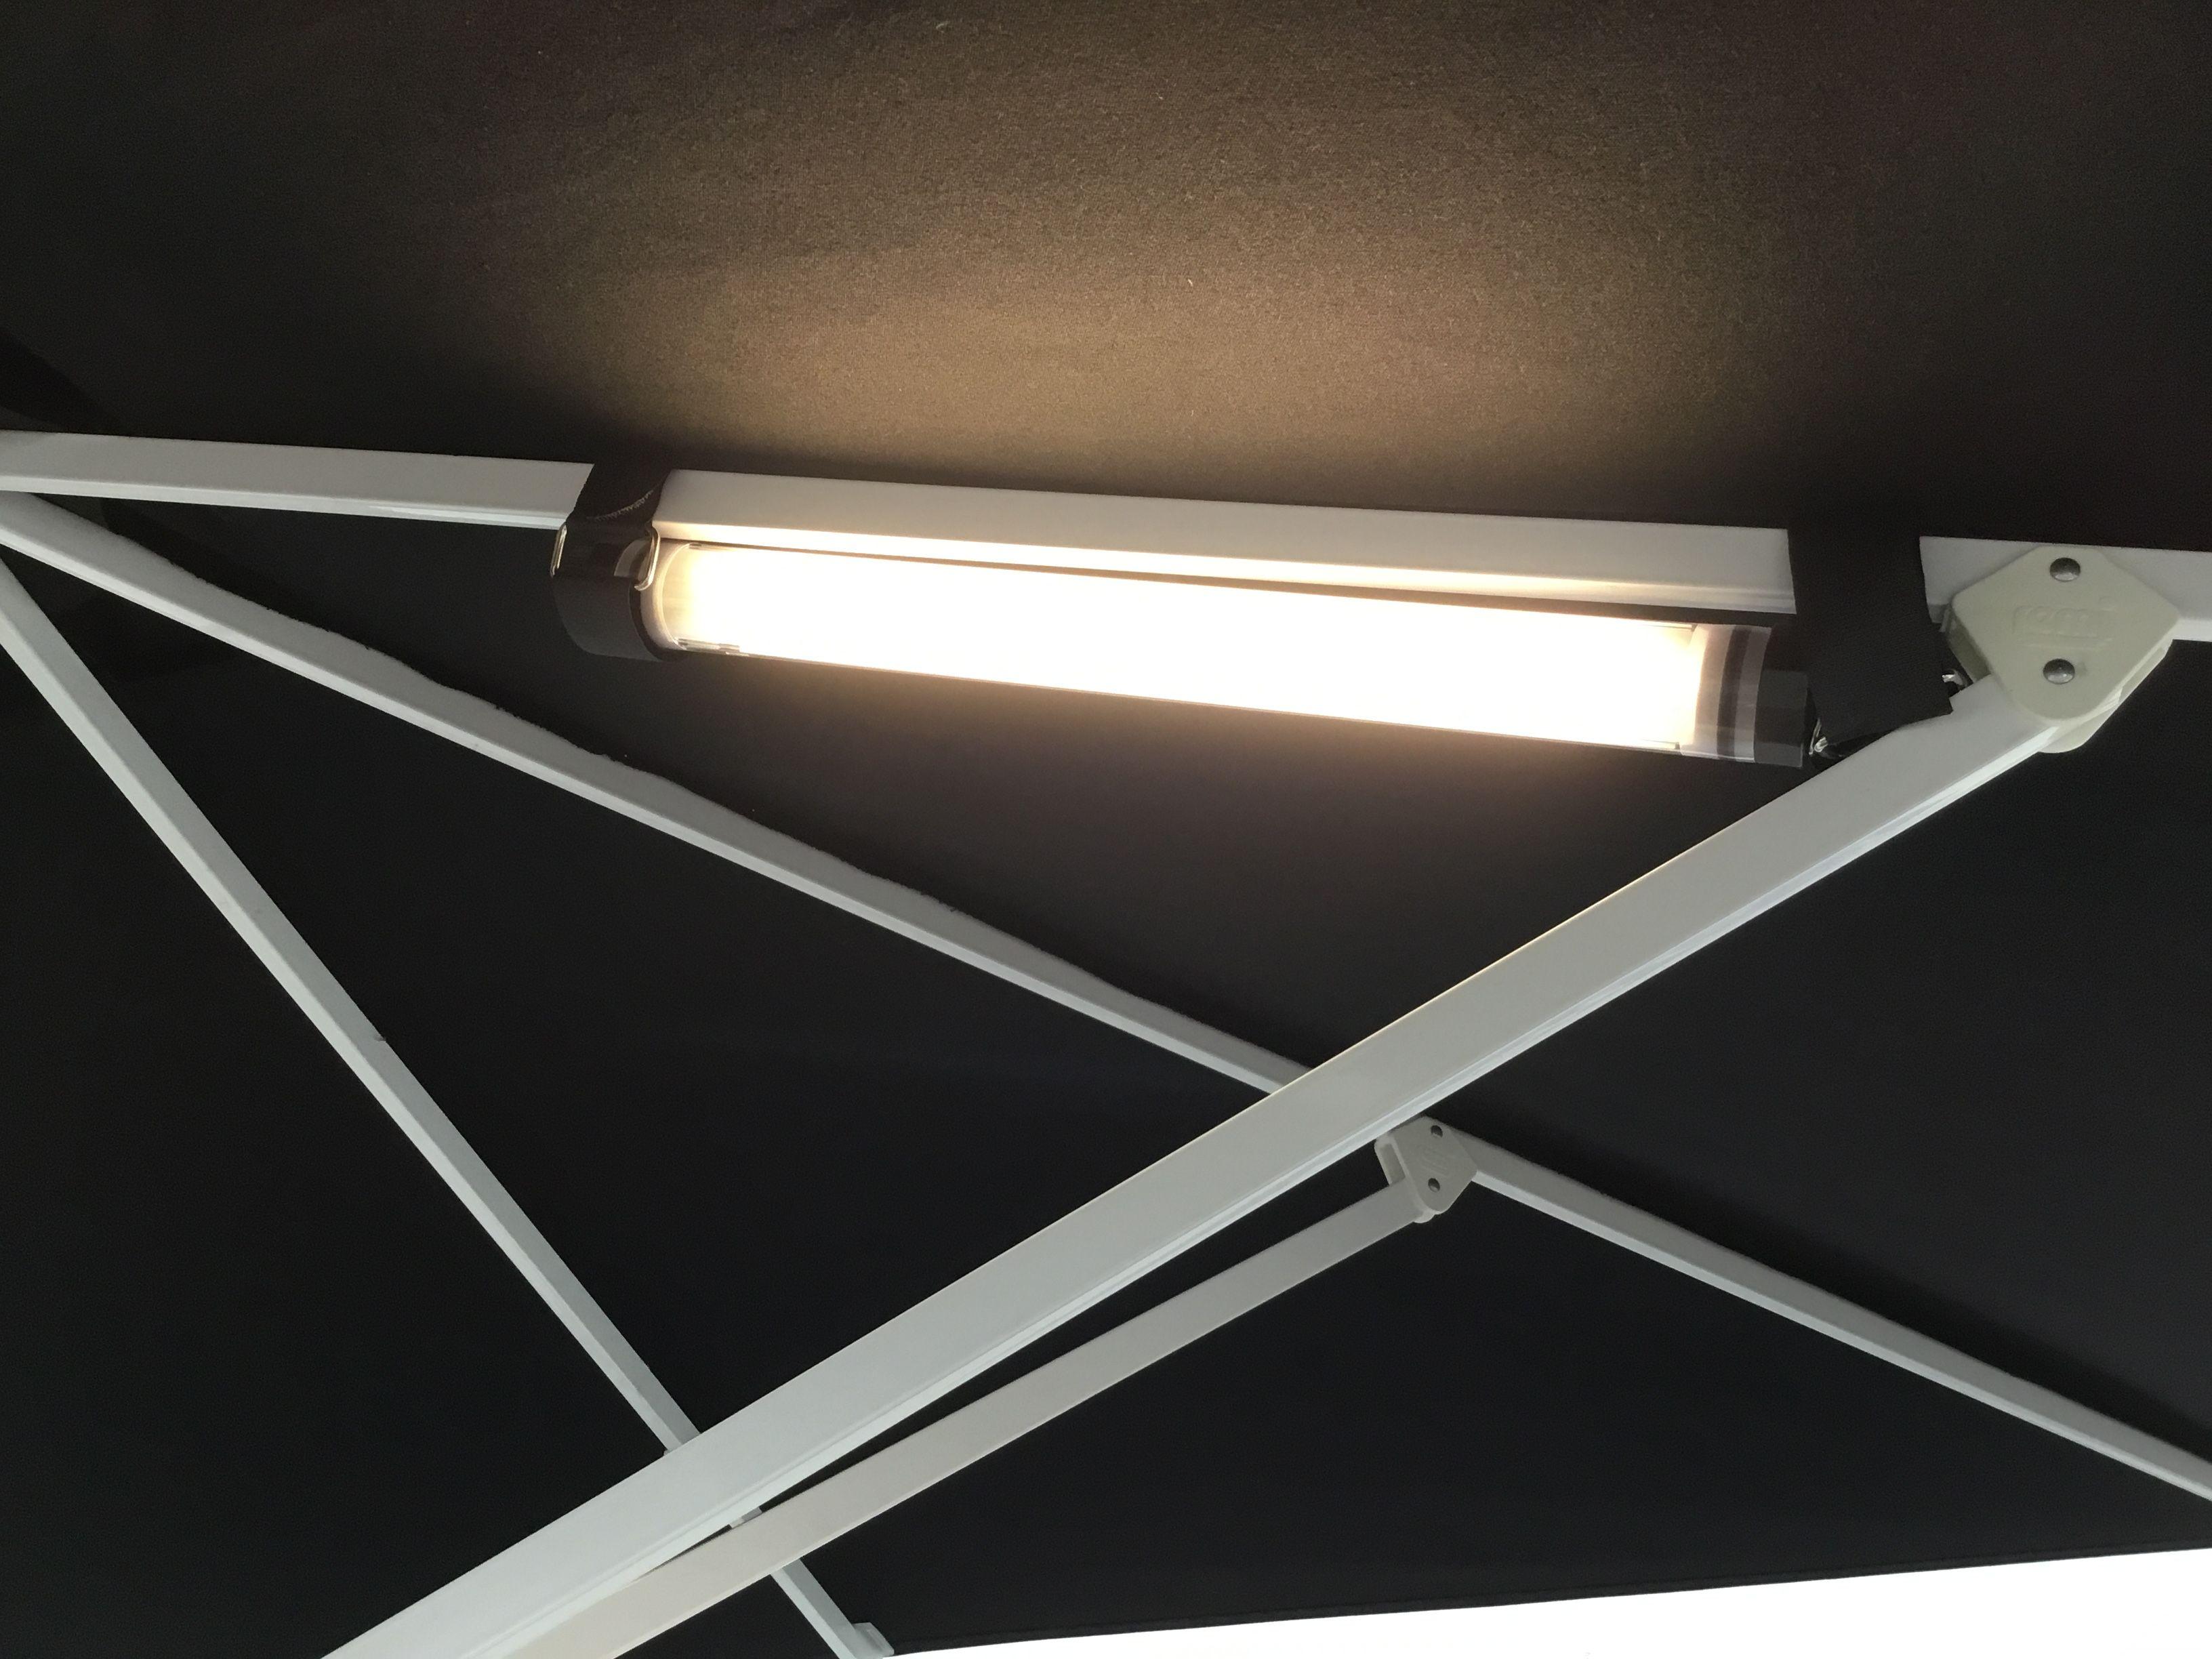 Die Outdoor Lampen Von Led Lumination Sind Ideal Fur Den Einsatz In Der Aussengastronomie Geeignet Ip68 Wasserdicht Und Mit Si Led Beleuchtung Led Lichtquelle